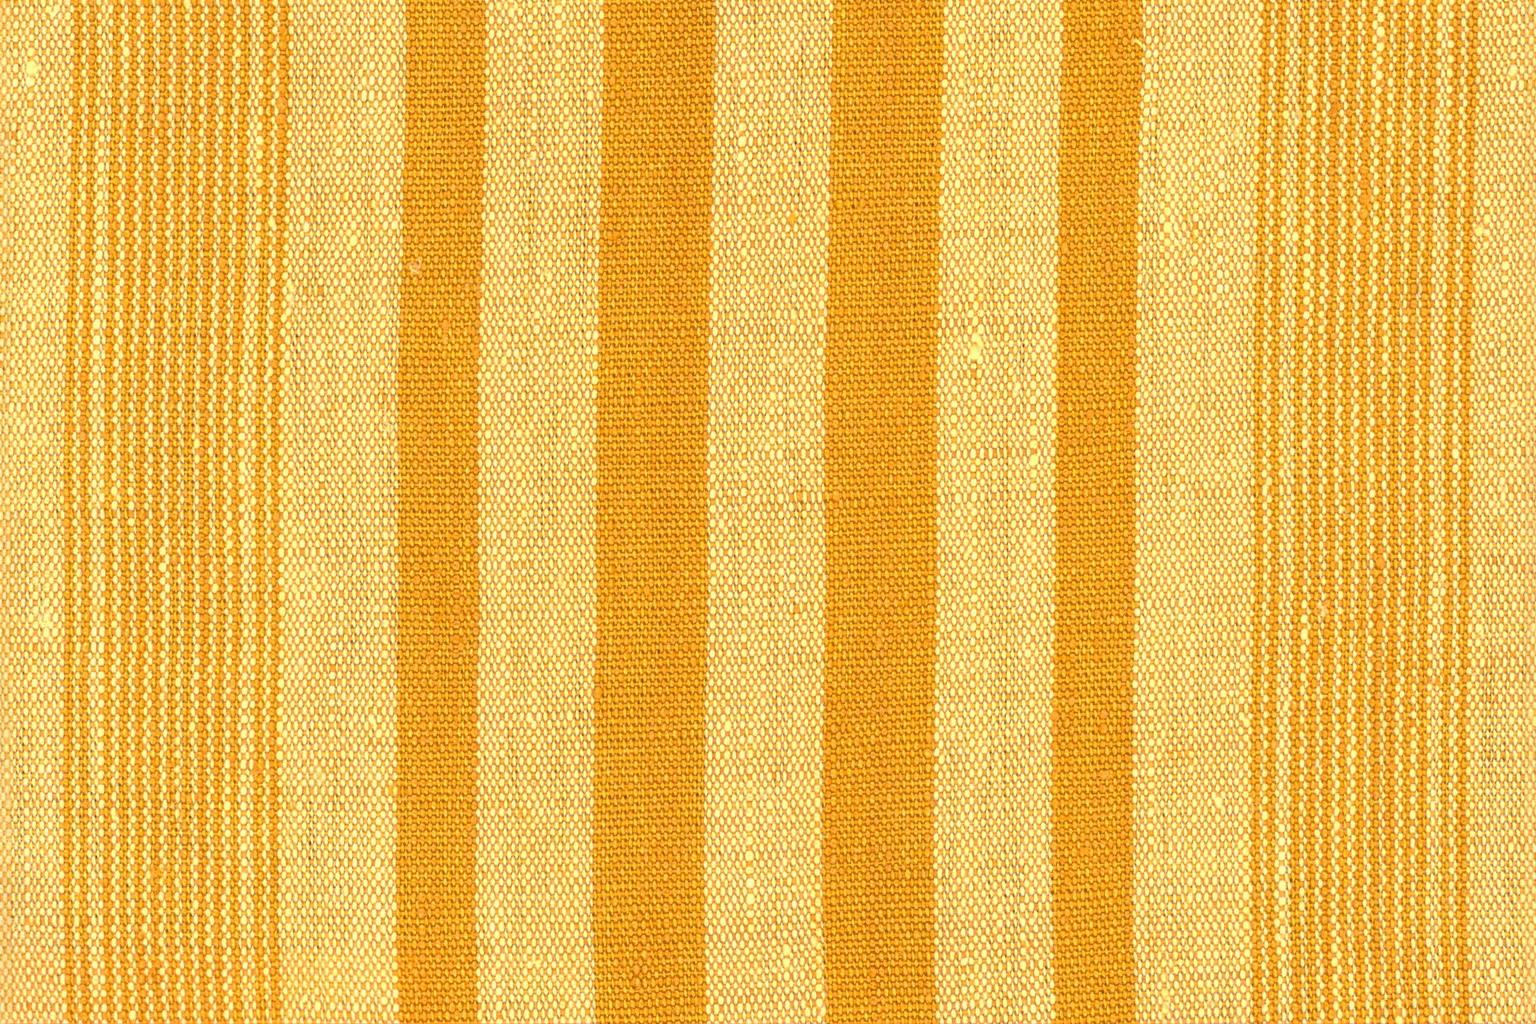 MAREMMA RIGATO Yellow-Ochre Stripe Des. 2